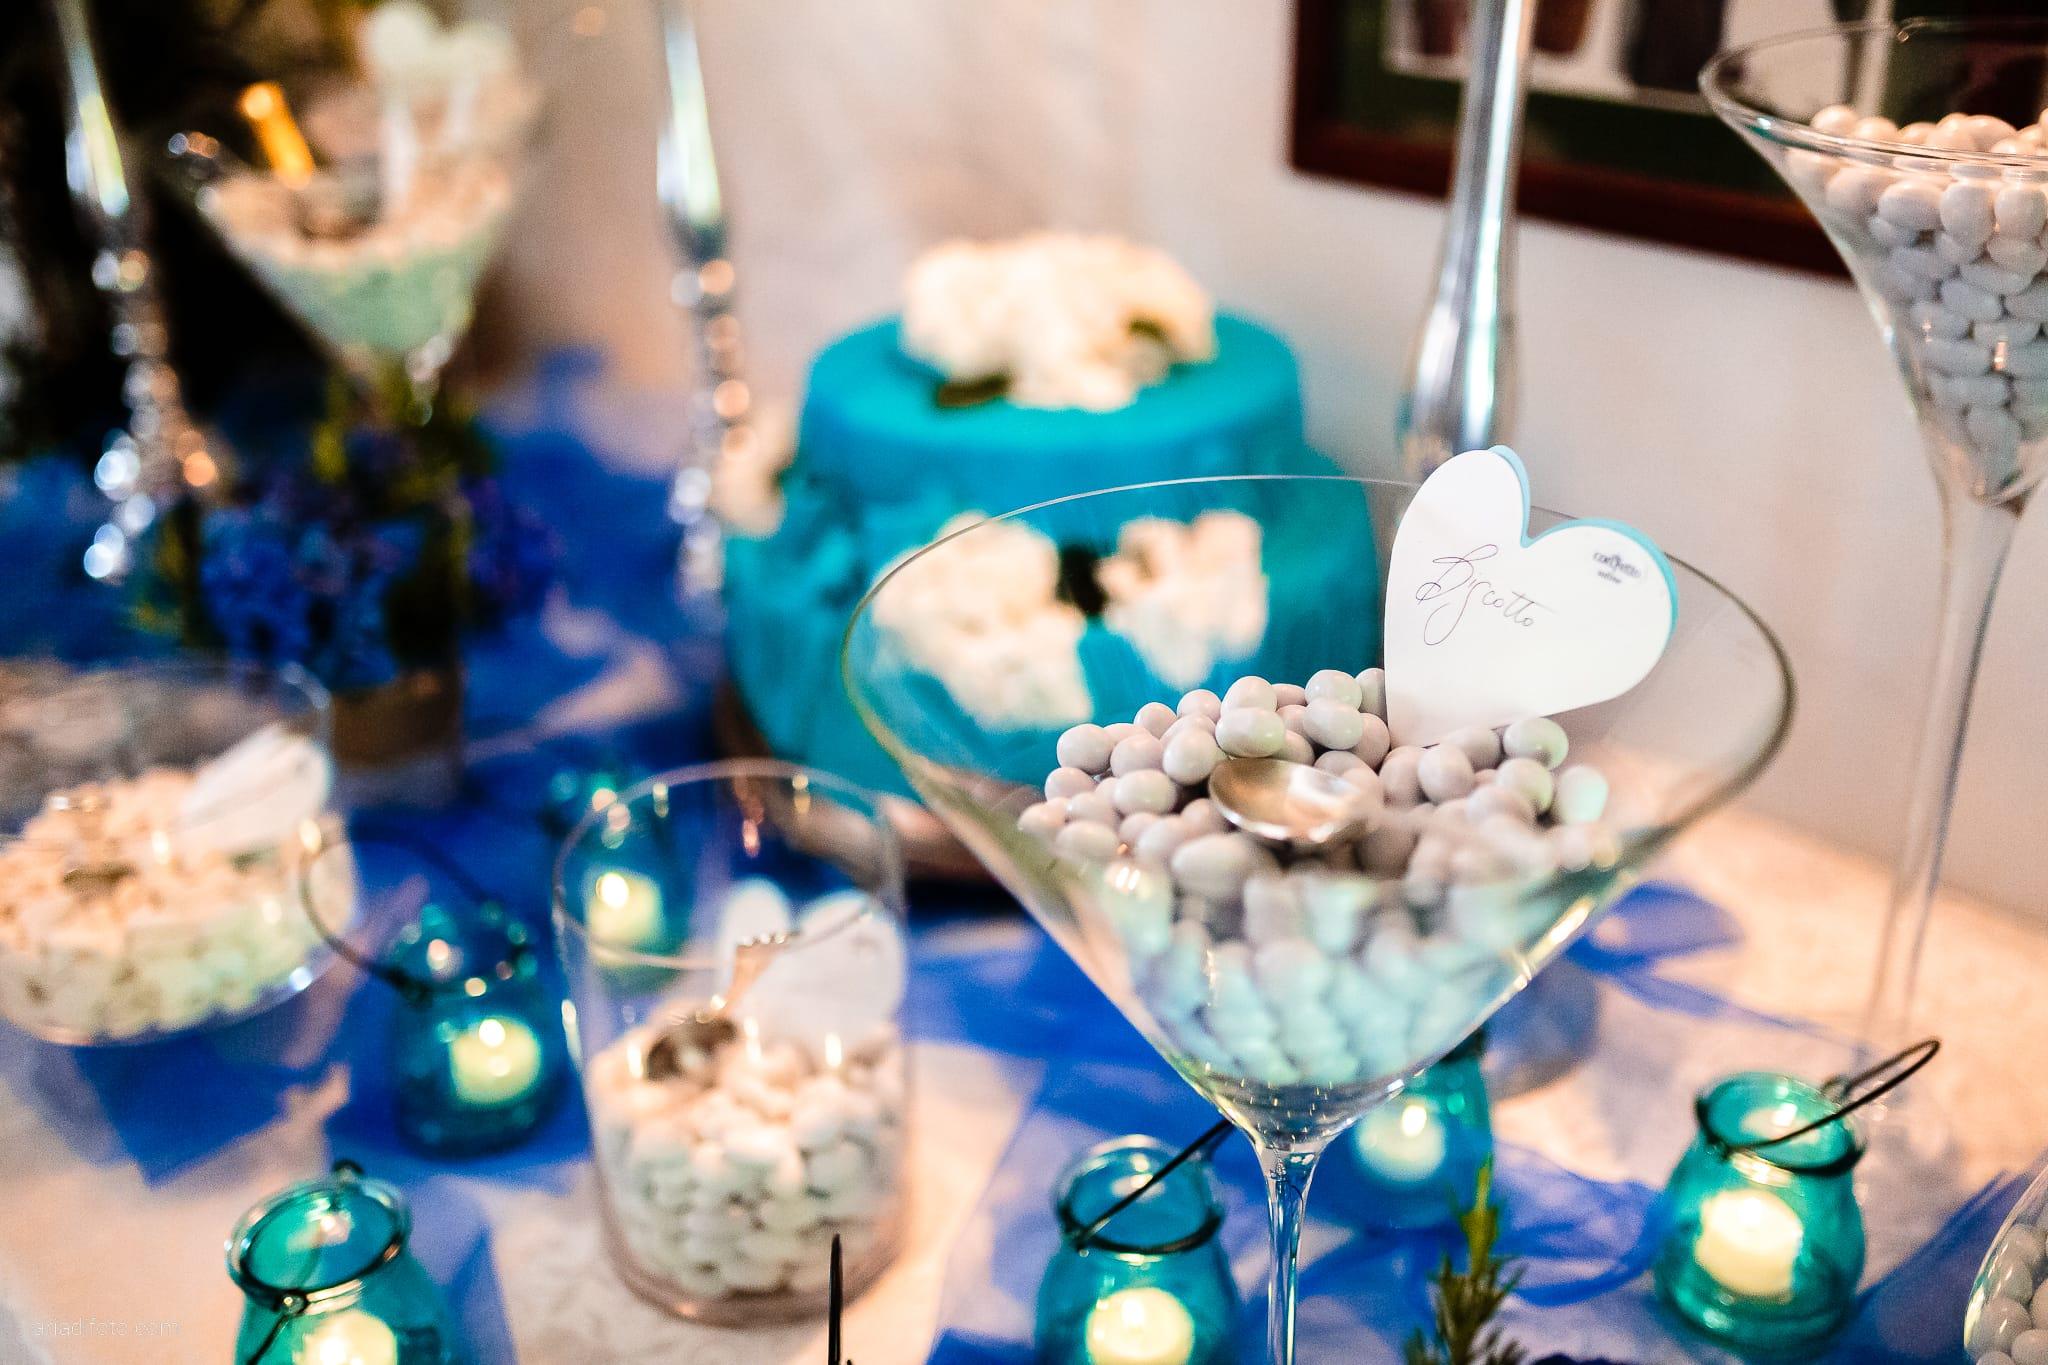 Roberta Alessandro matrimonio Duino Baronesse Tacco San Floriano del Collio Gorizia ricevimento allestimenti sala tavoli decorazioni fiori confetti